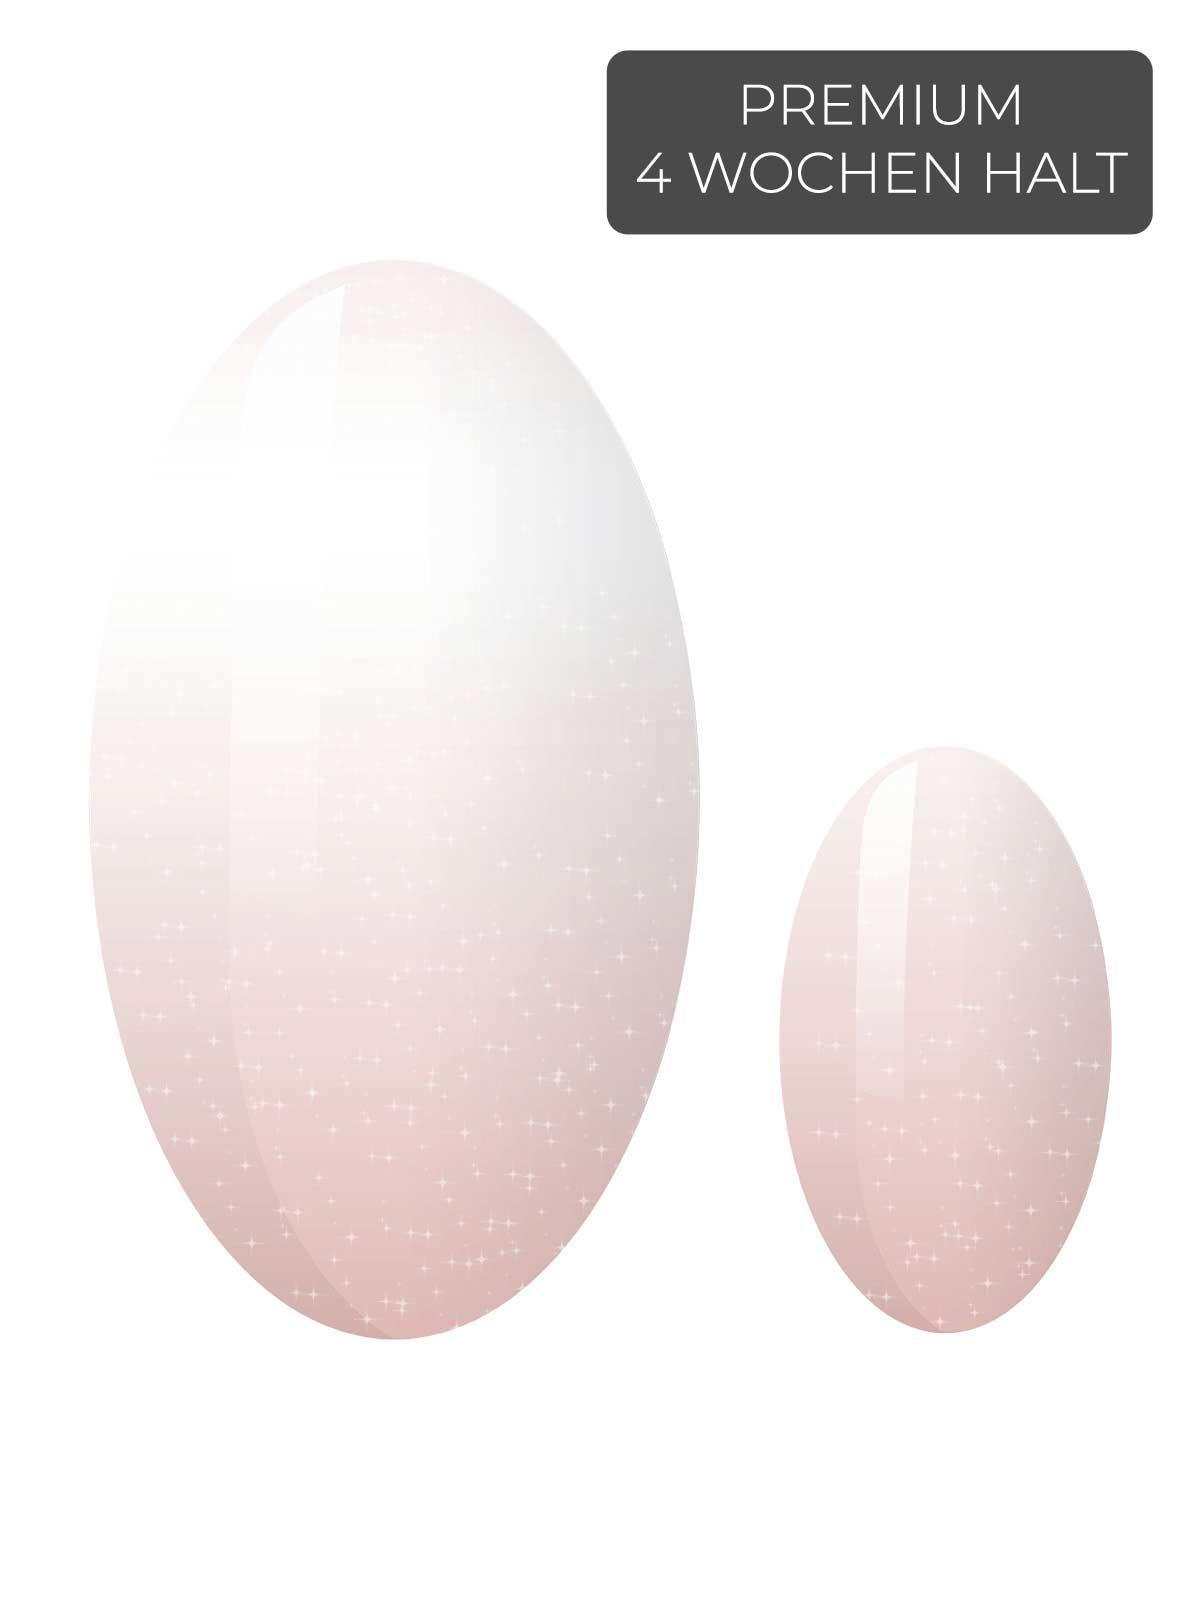 shimmery-glitter-uv-gelfolien